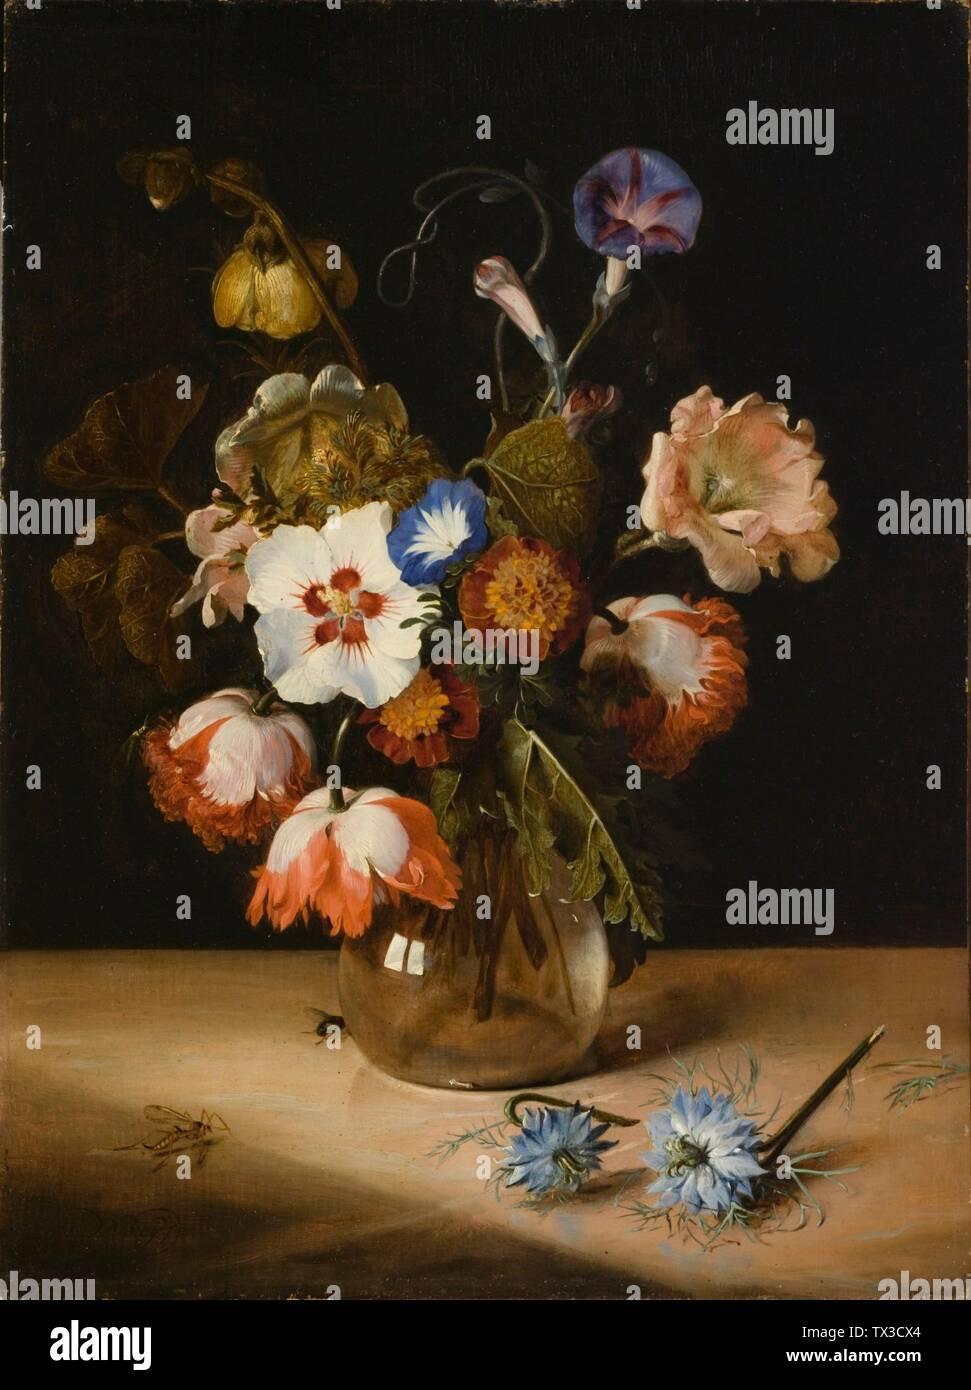 Fleurs dans une vase en verre; 1671 Peintures huile sur bois toile: 19 x 14 po. (48,26 x 35,63 cm) ; encadrée : 25 x 20 1/2 x 2 po. (63,5 x 52,07 x 5,08 cm) Don de M. et Mme Edward William carter (M. 2009.106.4) Peinture européenne Actuellement à la vue du public: Édifice Ahmanson, étage 3; 1671 date QS:P571,+1671-00-00T00:00:00Z/9; Banque D'Images